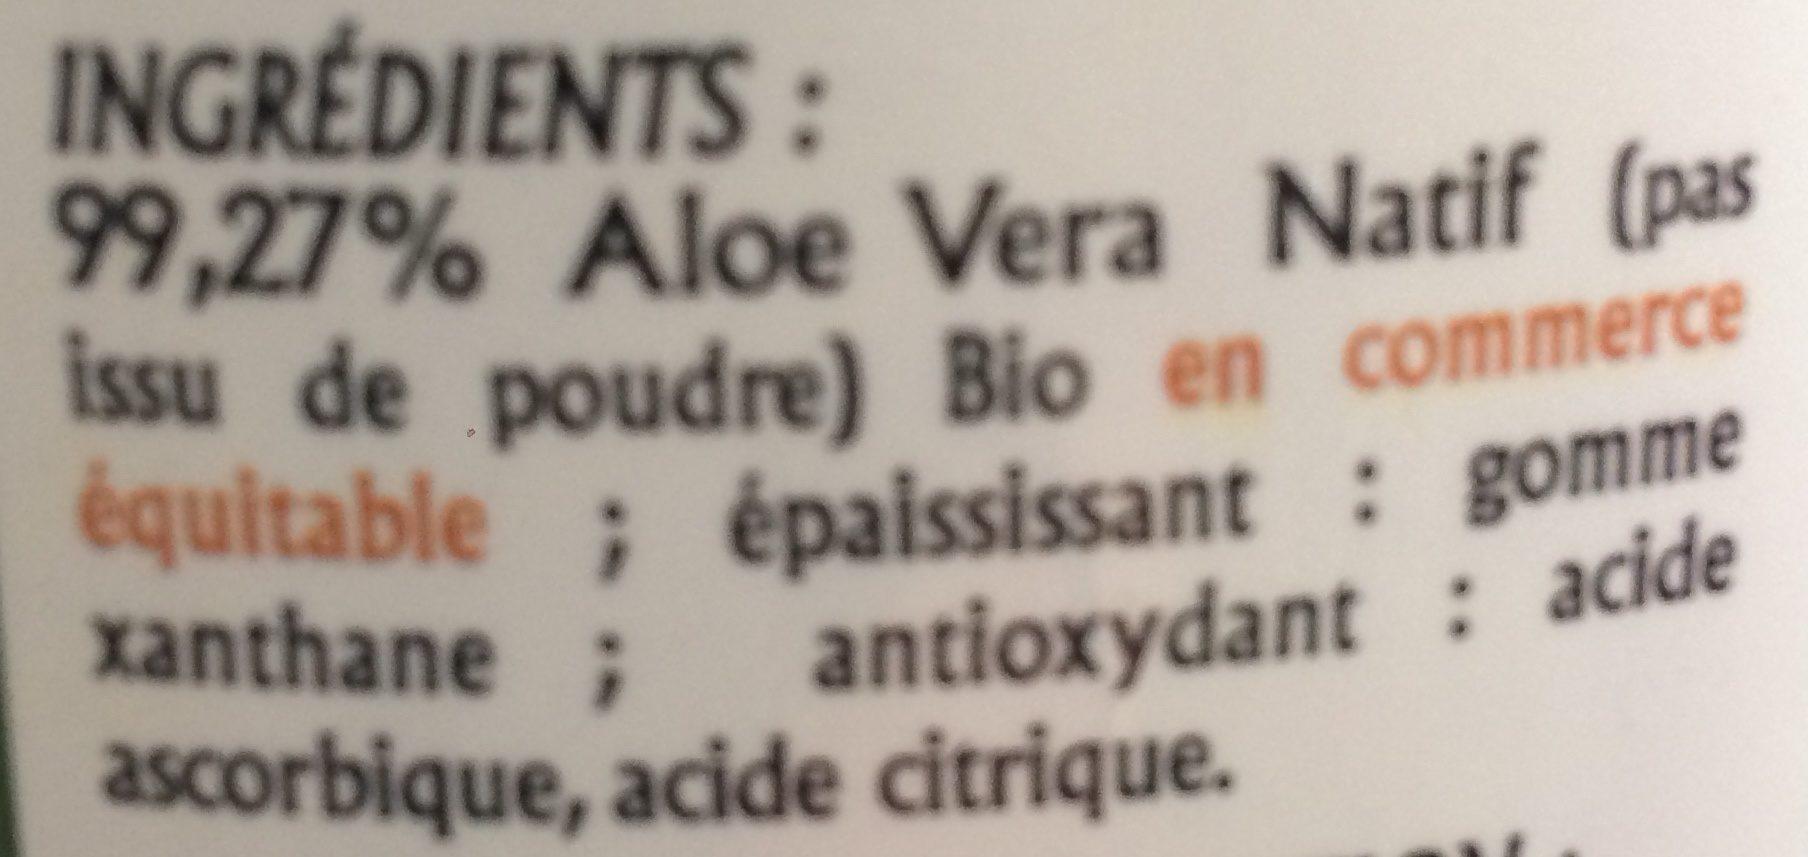 Gel d'Aloe Vera à boire - Ingrediënten - fr